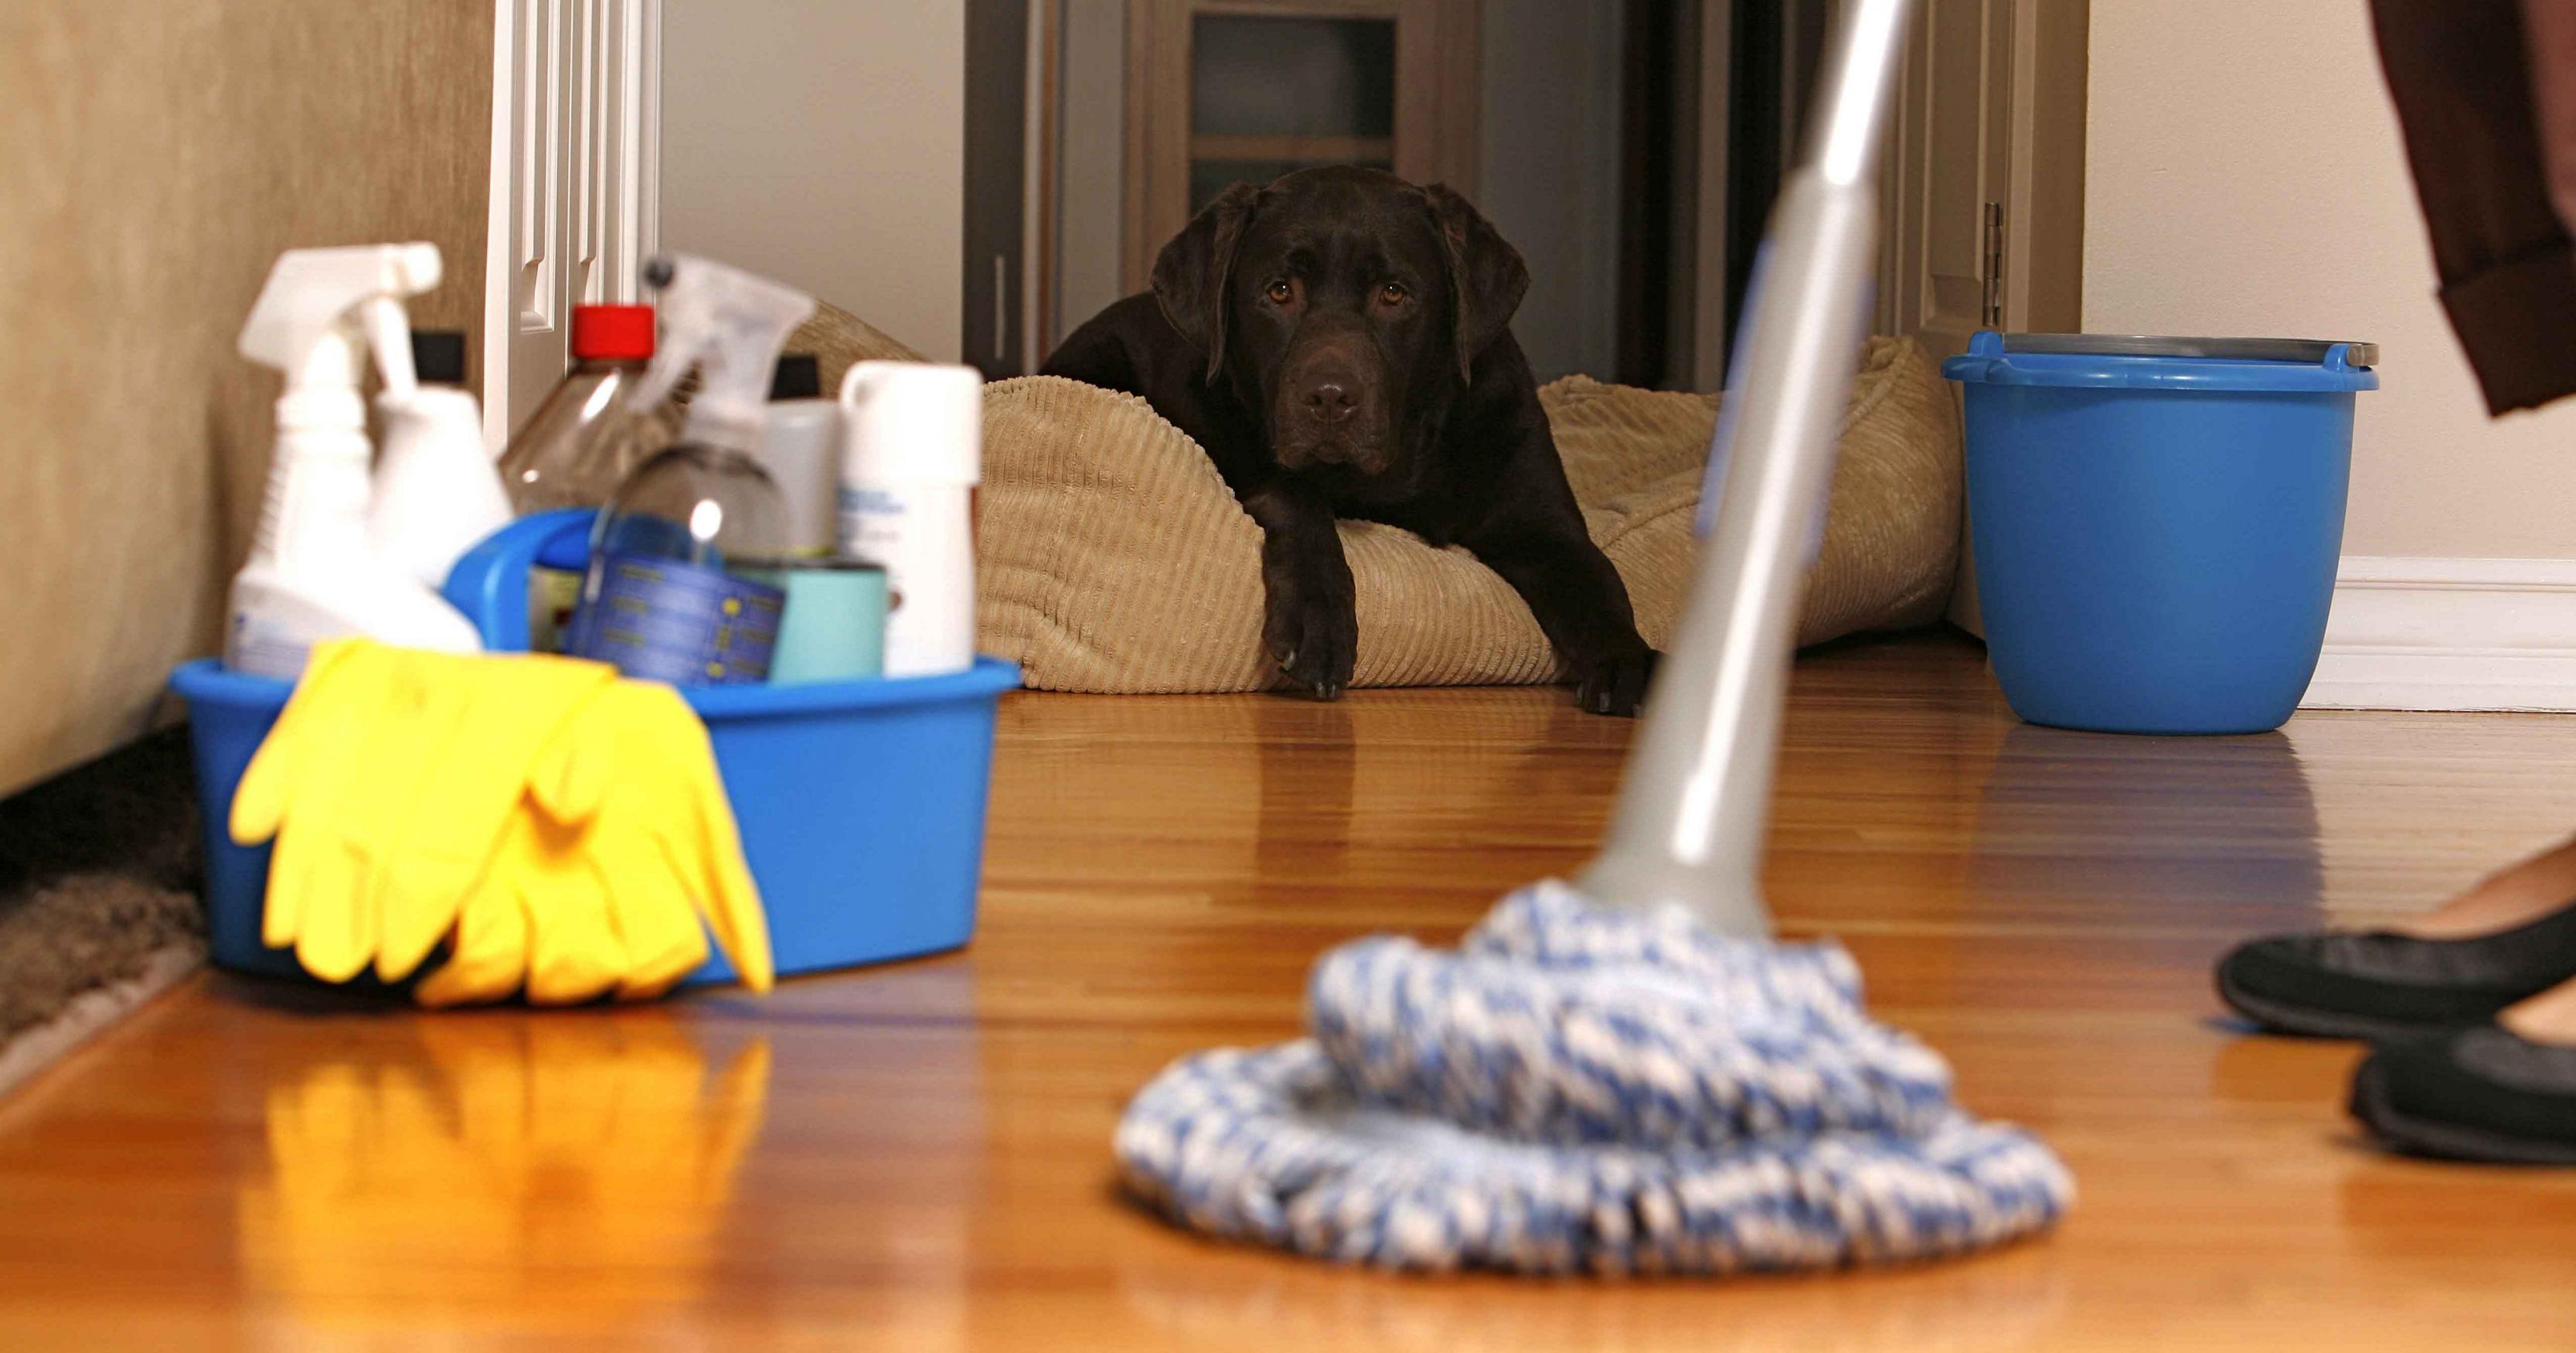 بالصور تنظيف منازل , اهميه تنظيف المنزل 5083 6